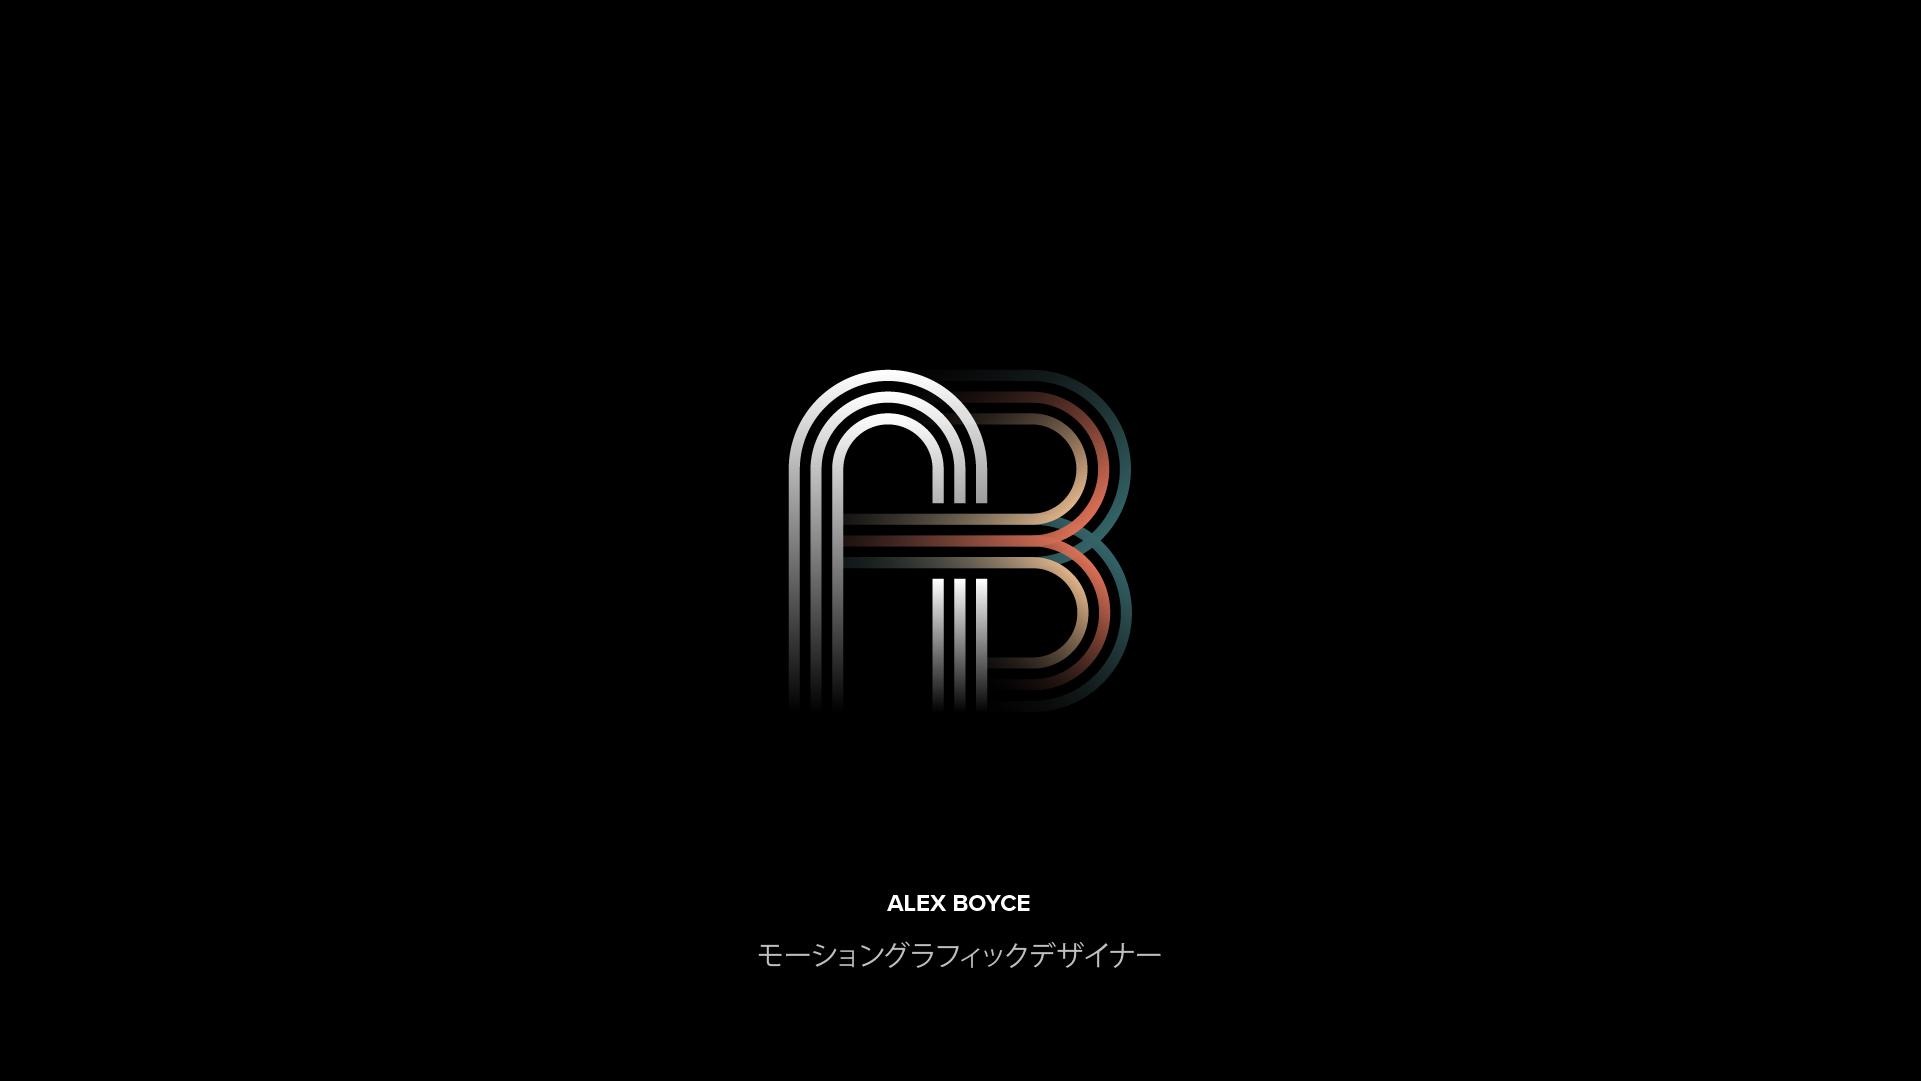 AB_Rebrand_v017-04.jpg